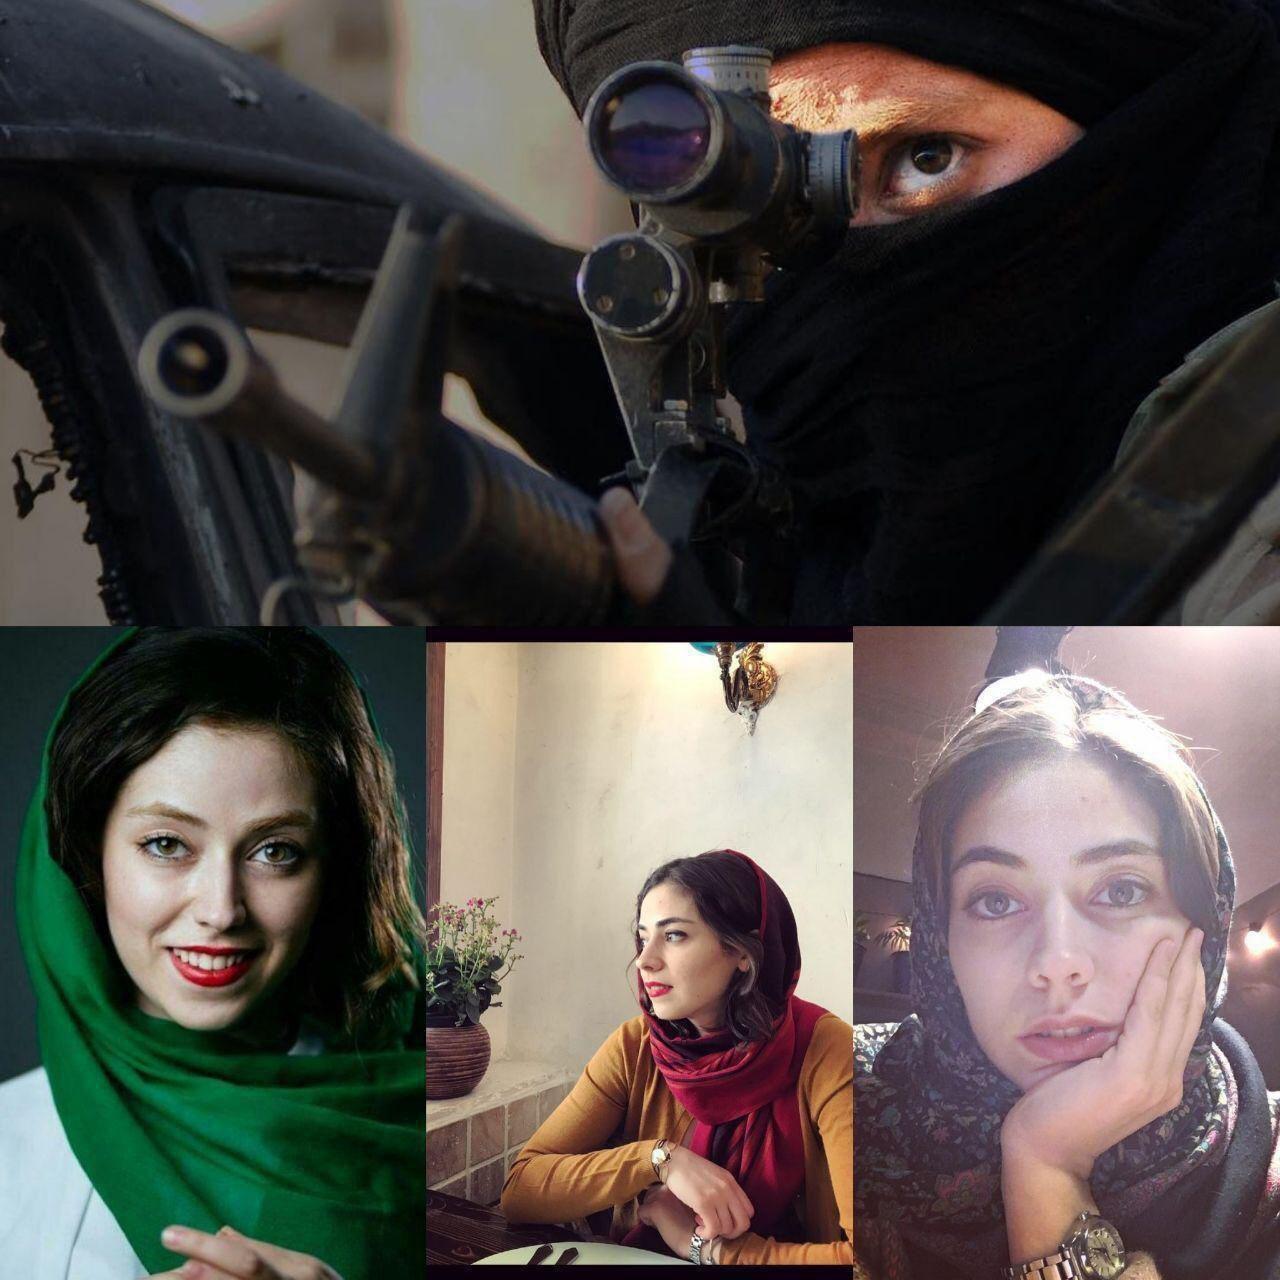 بازیگر ایرانی در نقش زنِ انگلیسی سریال «پایتخت»